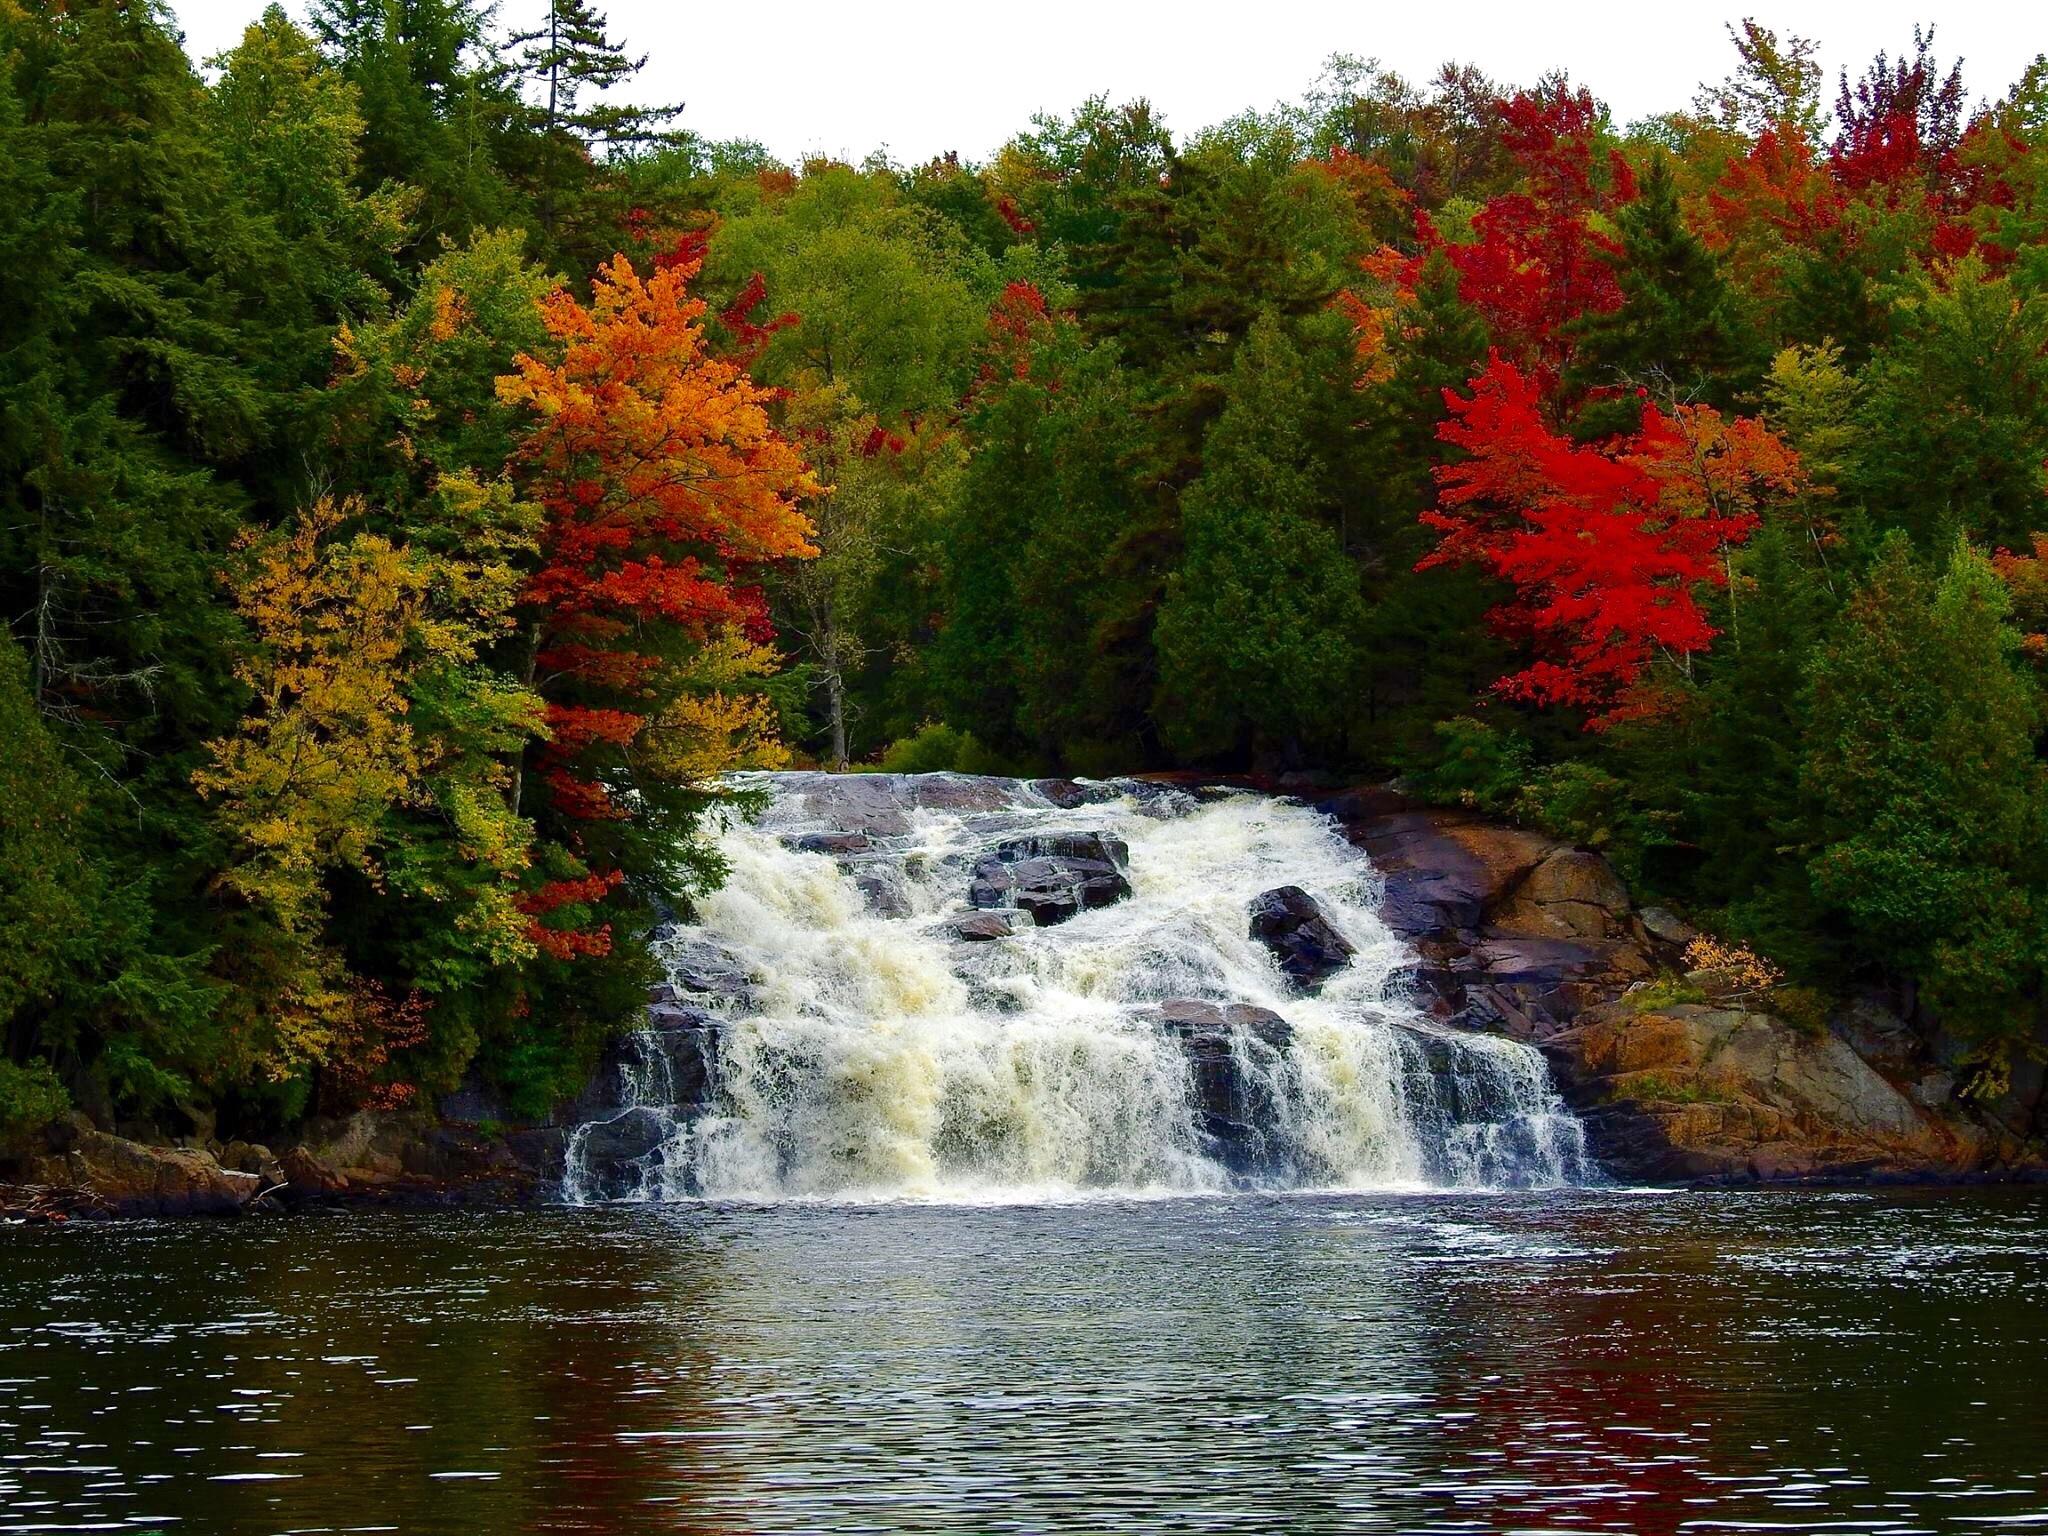 Autumn splendor by Brian McElwain